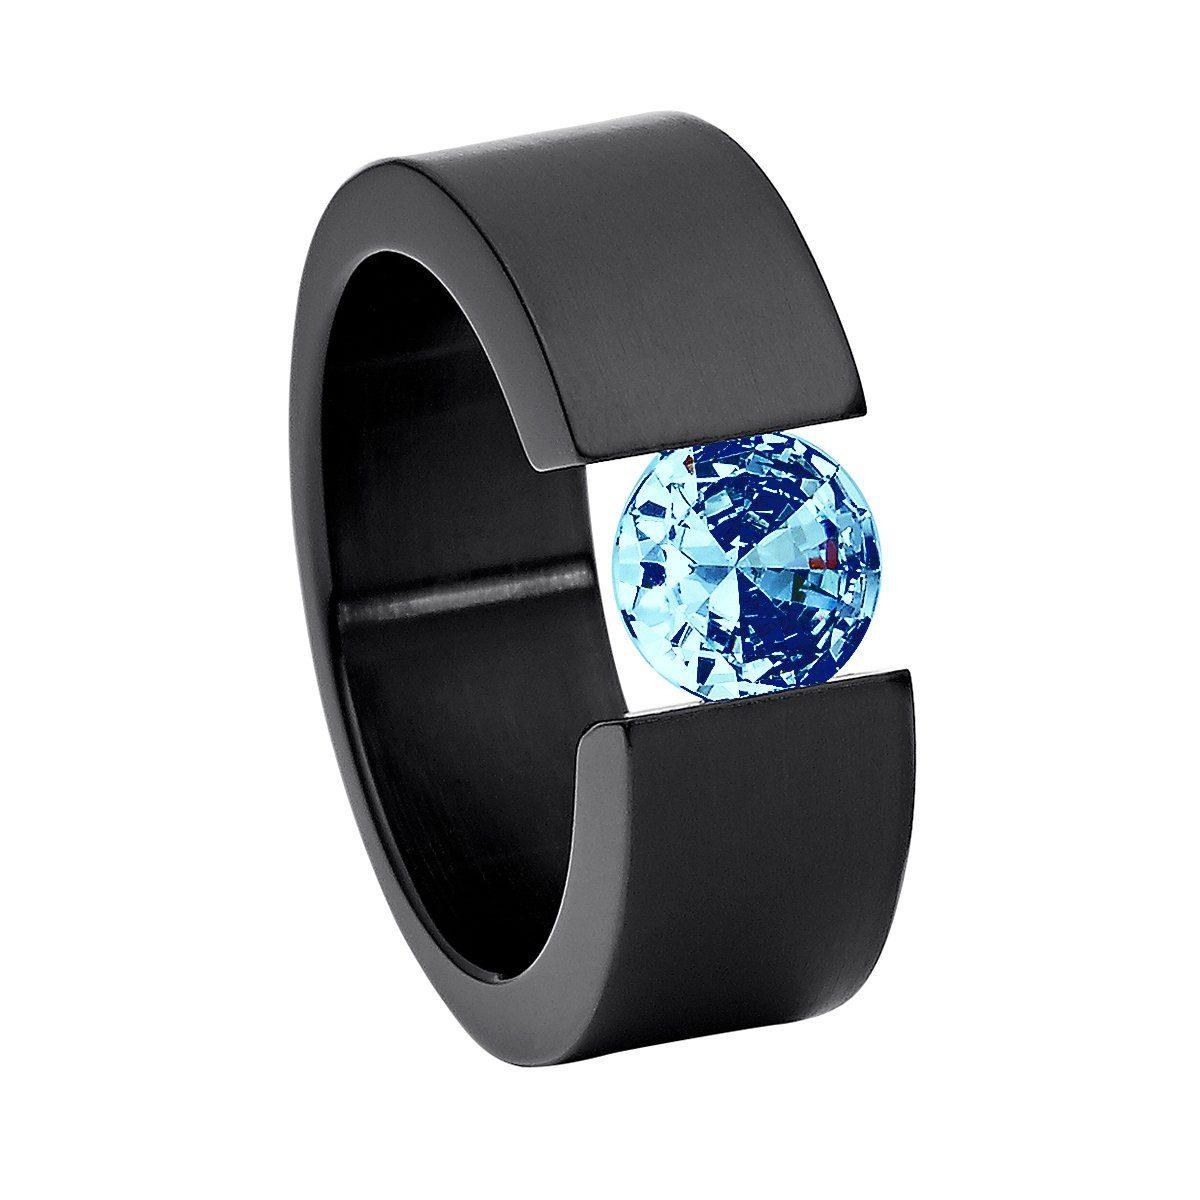 Keramik Edelstahl Ring Weiß Schwarz Silber Zirkonia viele Größen Damen Frauen